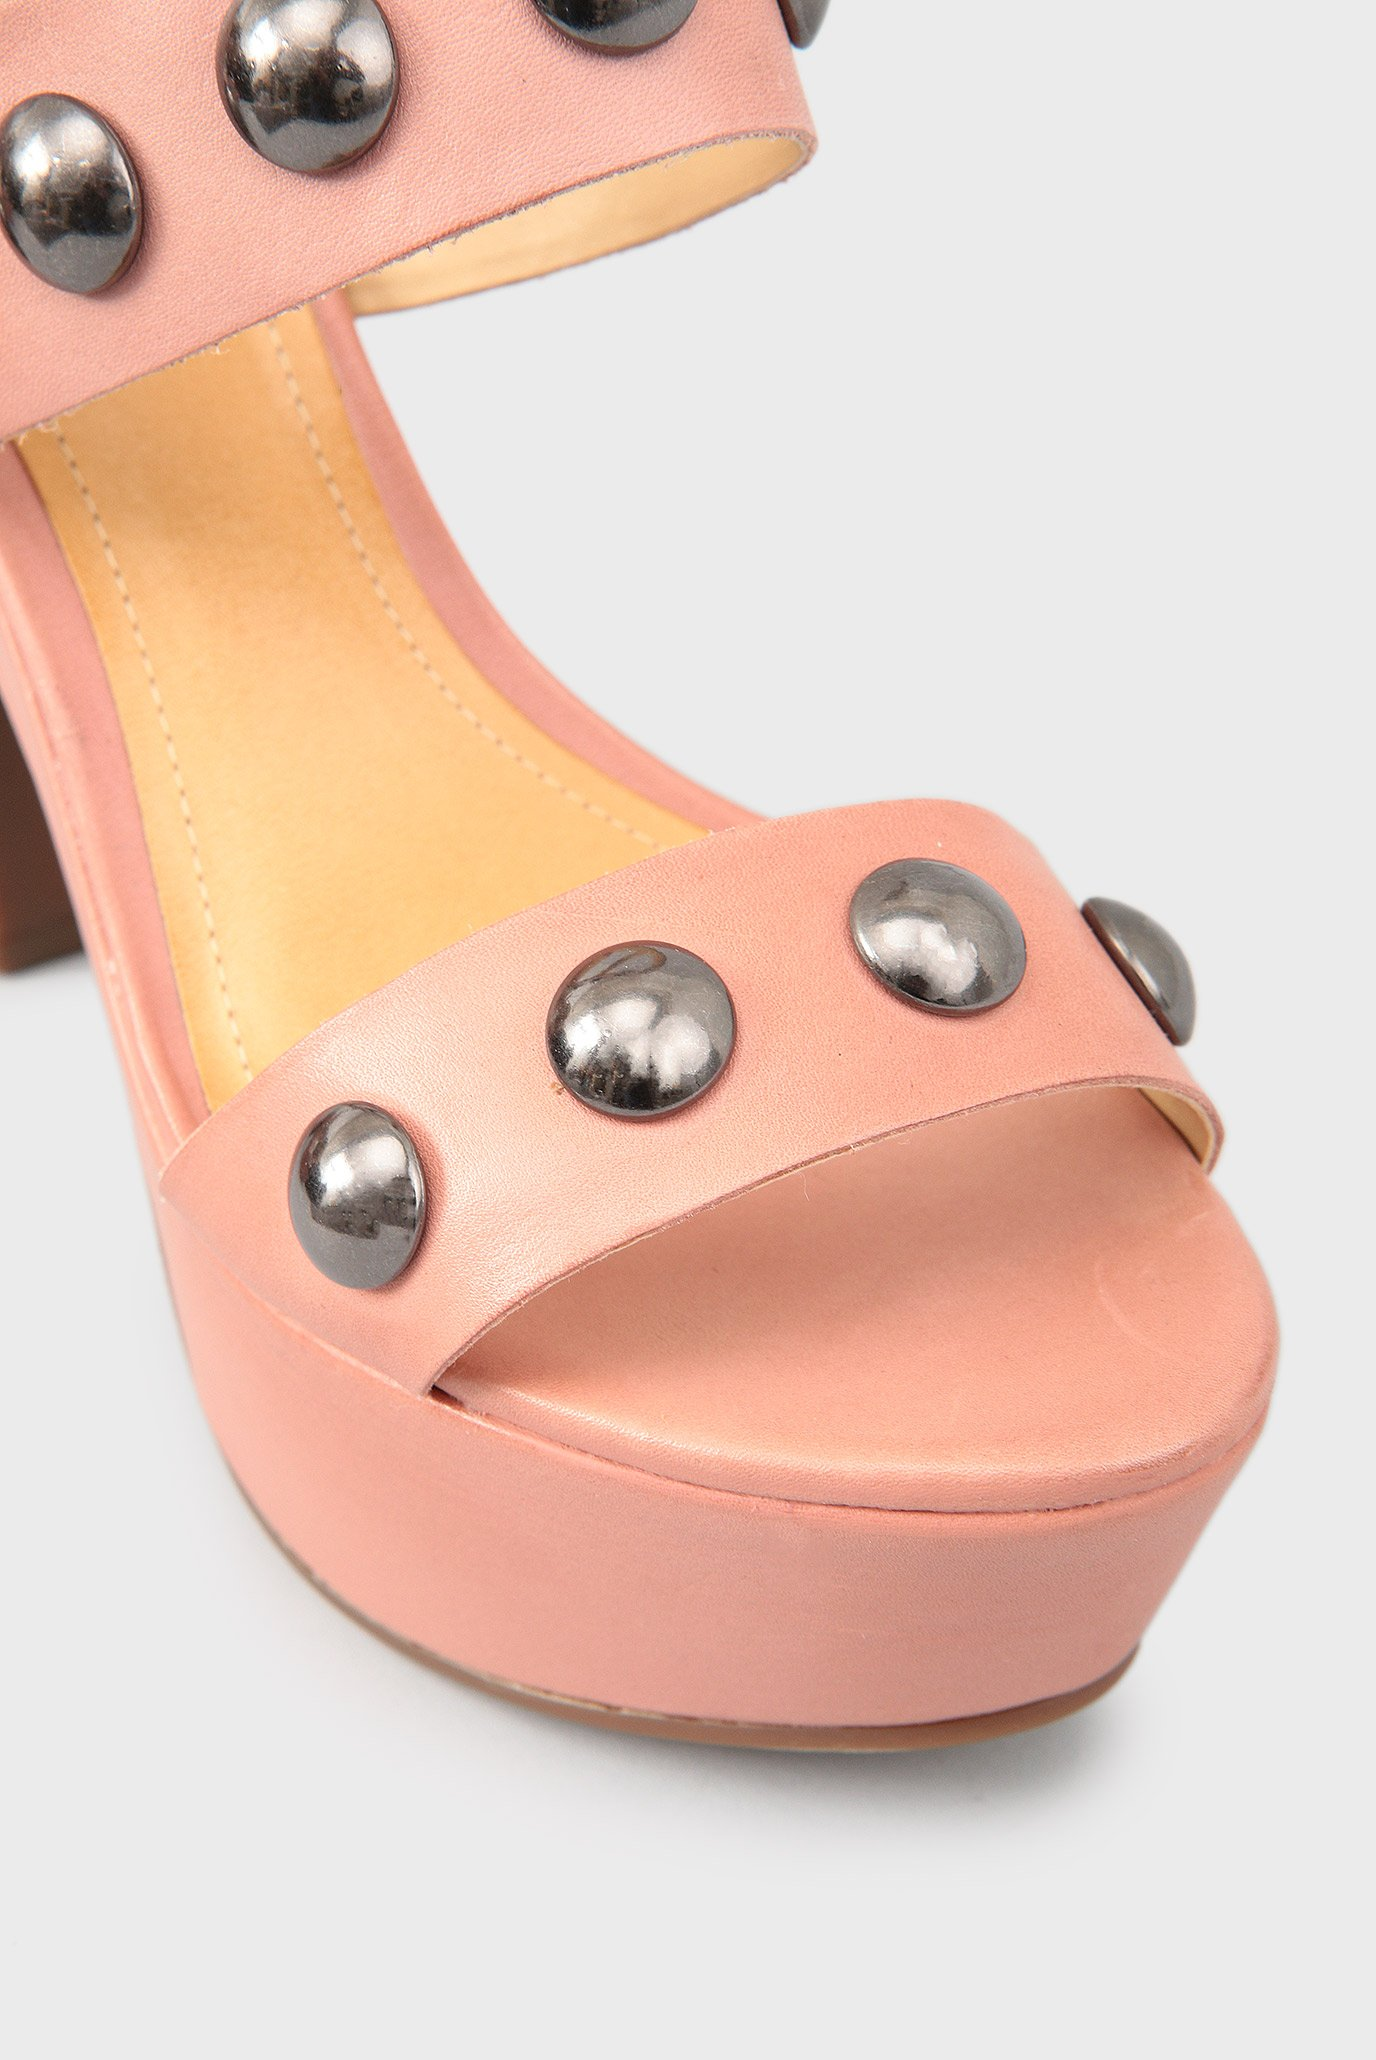 Купить Женские розовые кожаные босоножки Schutz  Schutz  S2028700260002 – Киев, Украина. Цены в интернет магазине MD Fashion